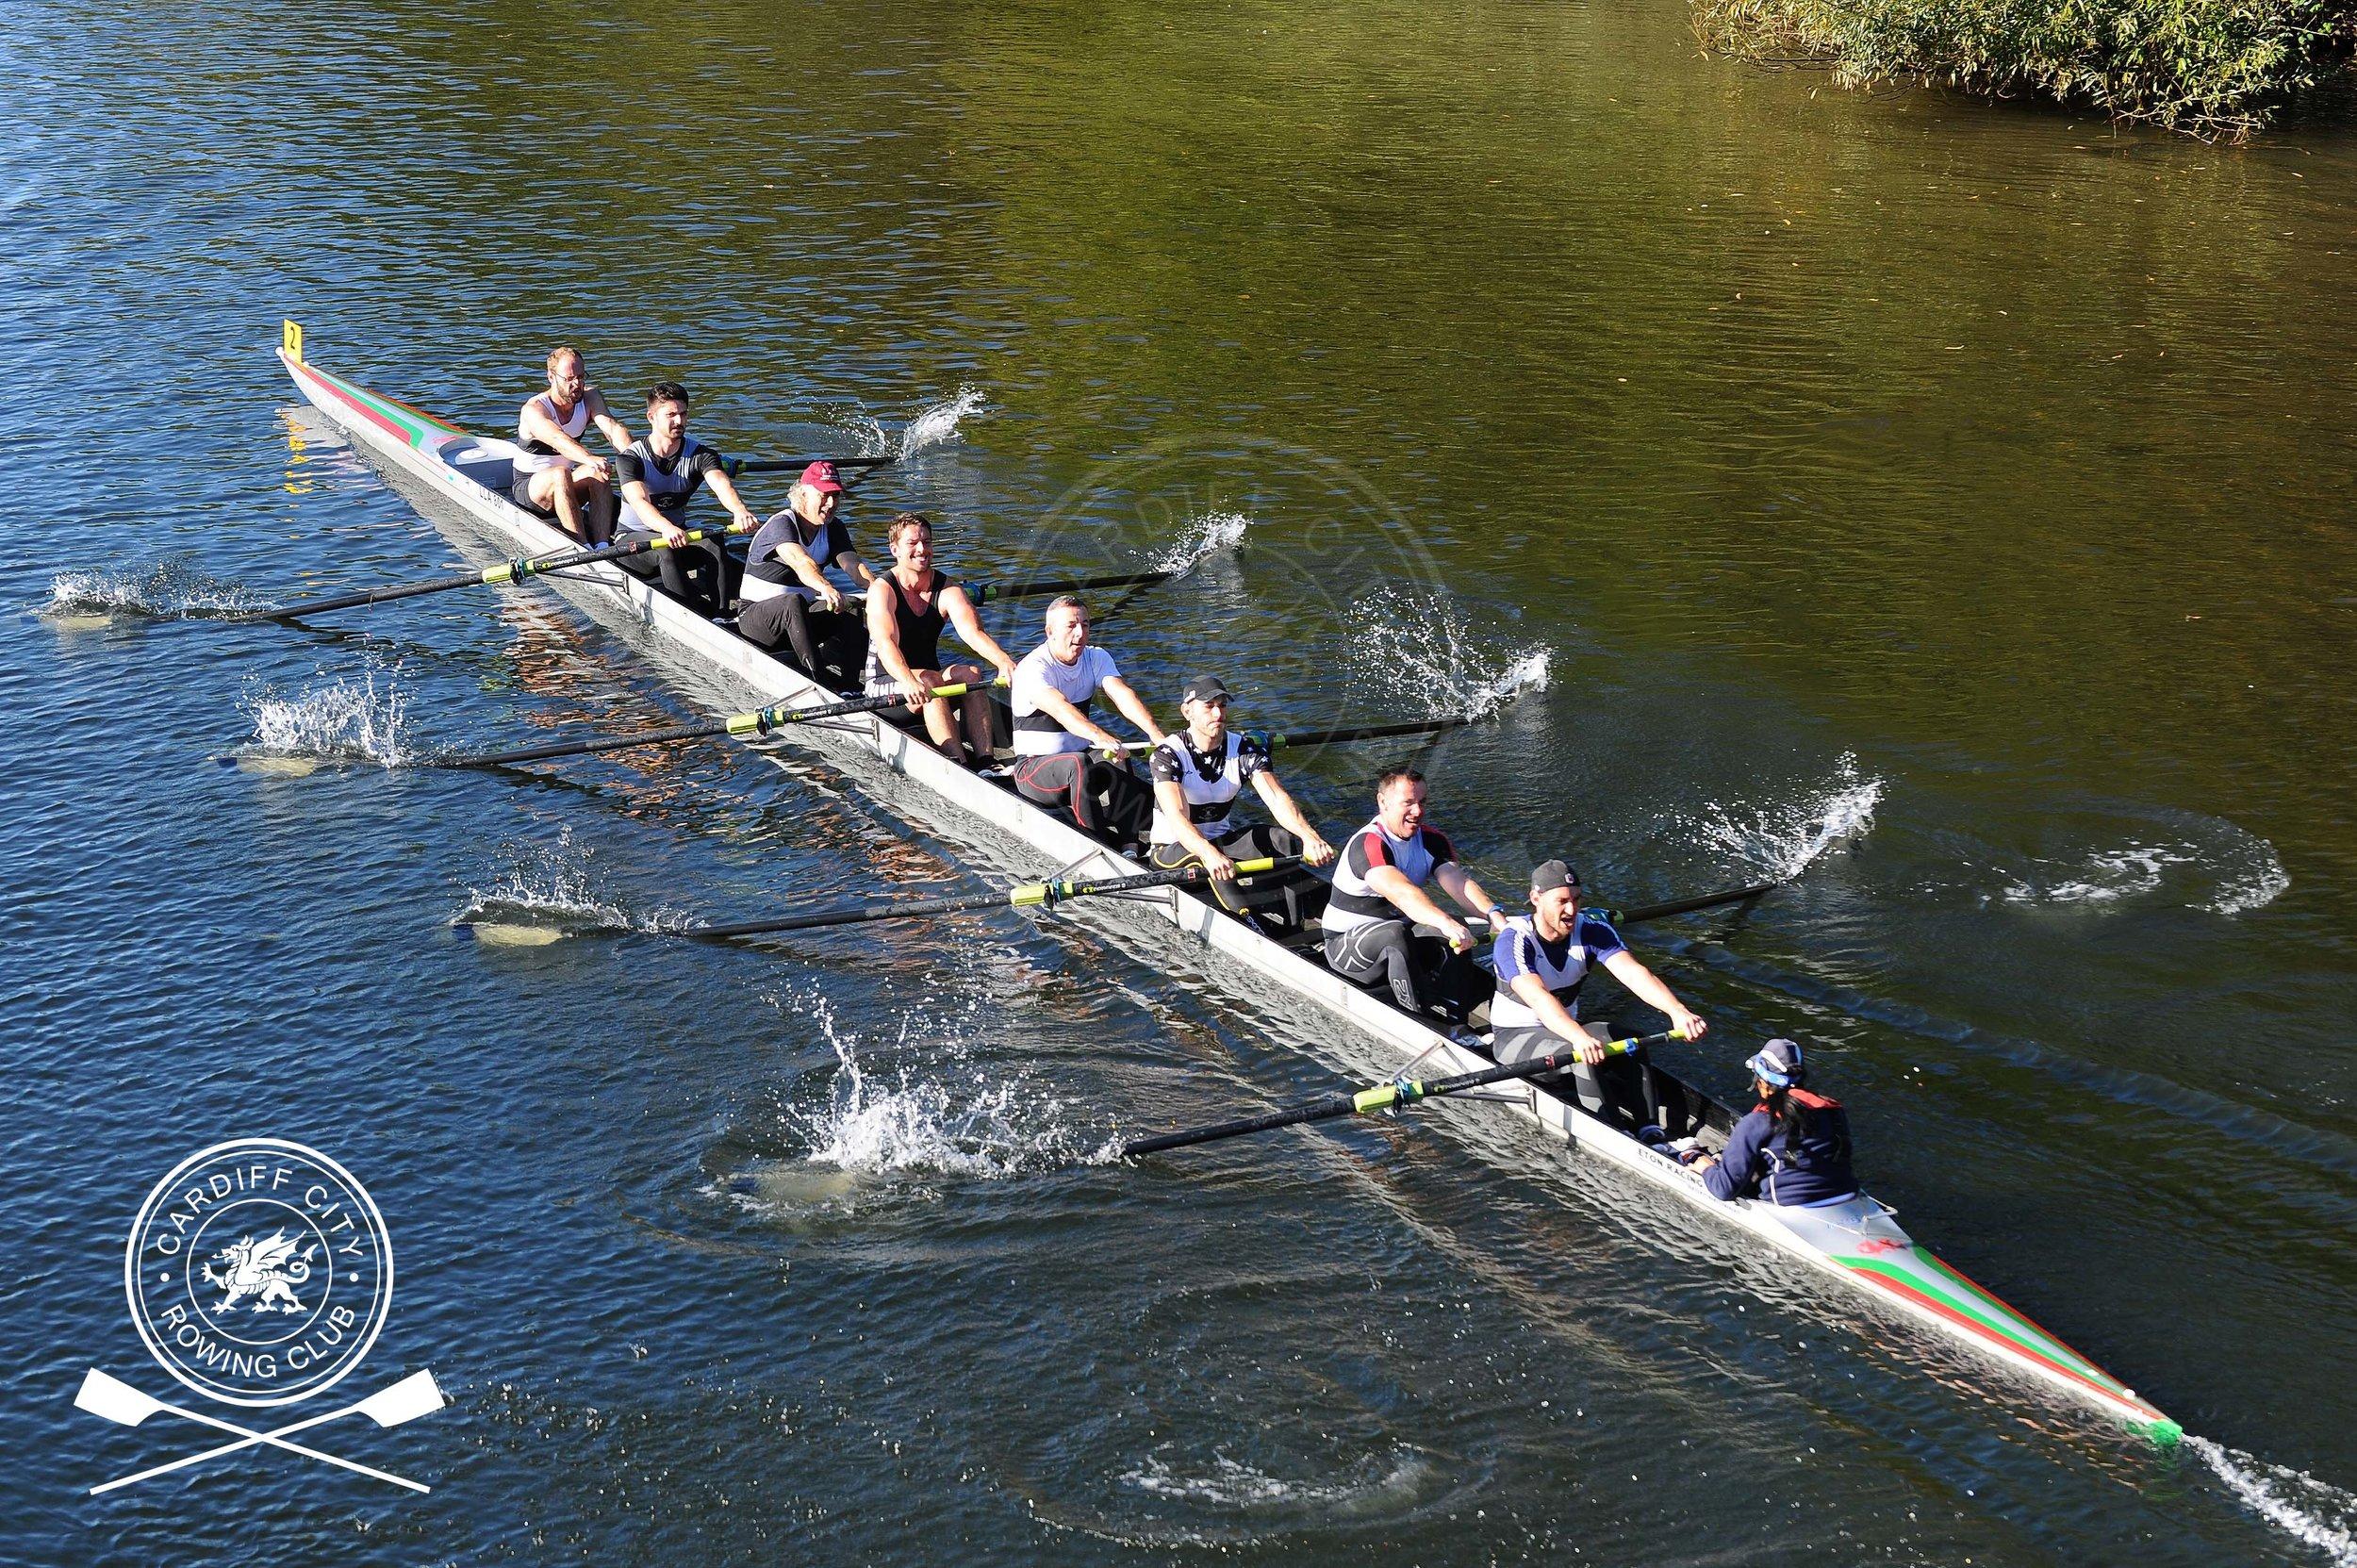 Cardiff_City_Head_Race_12.jpg